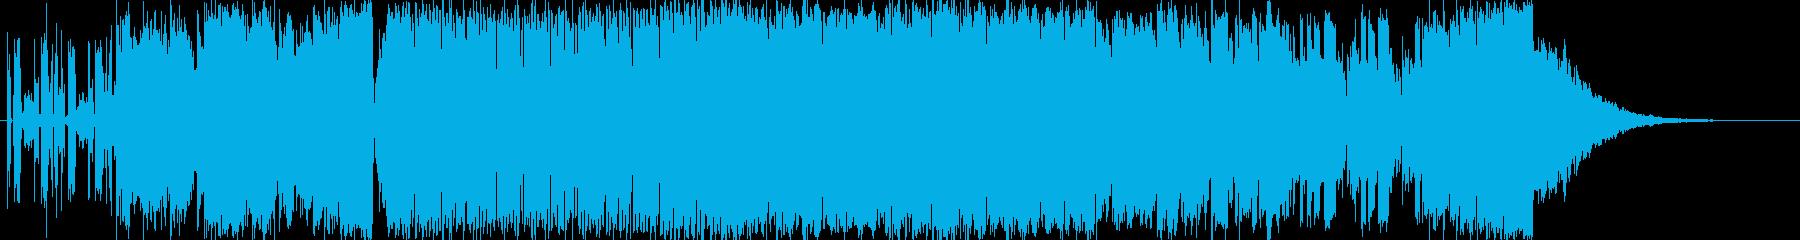 OPや入場SEに使えるEDMの再生済みの波形